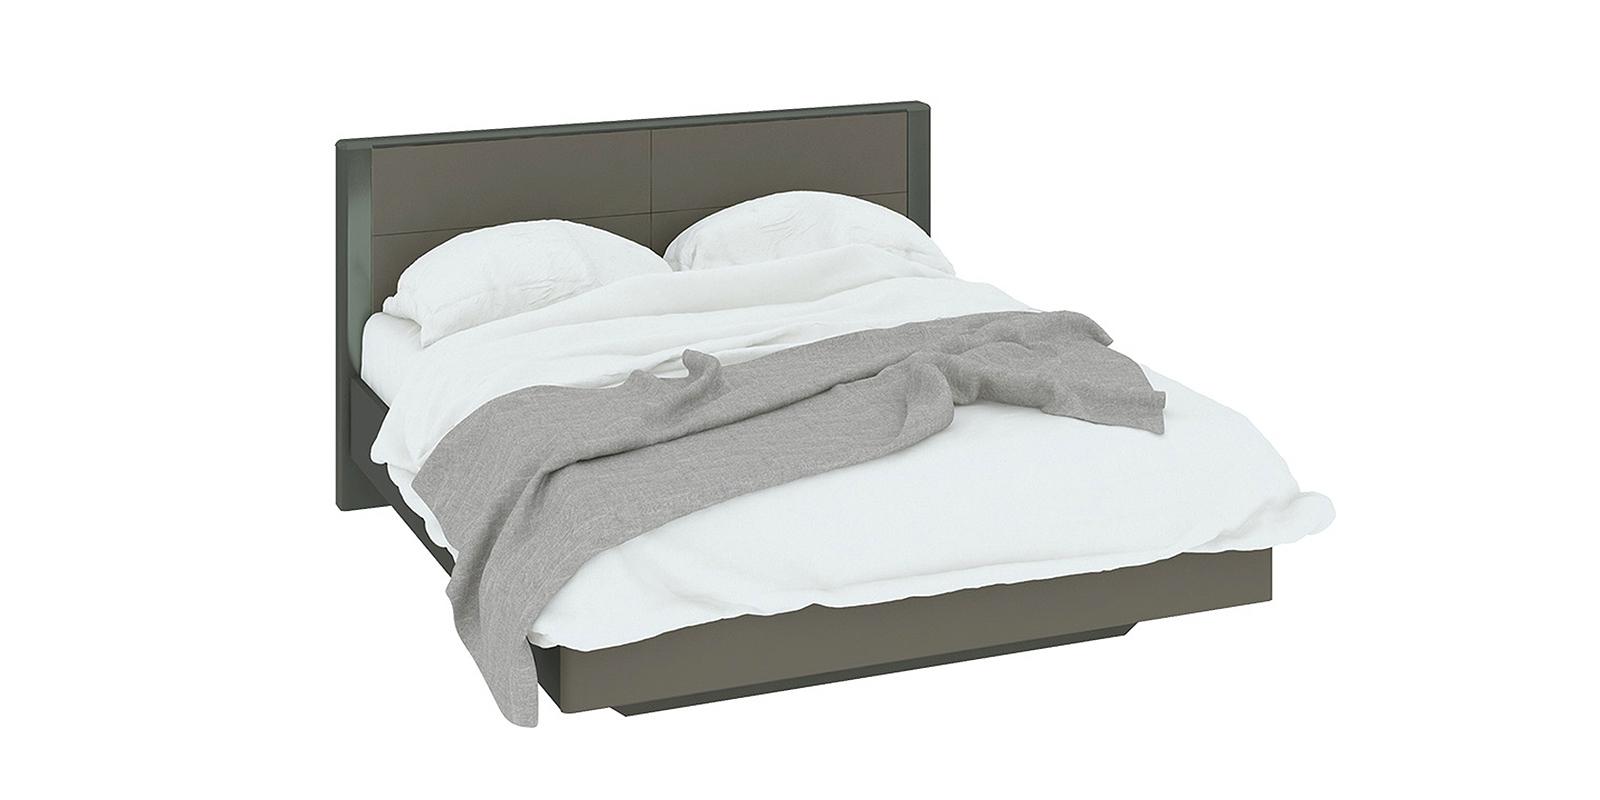 Кровать каркасная 200х160 Сорренто вариант №1 без подъемного механизма (серый/коричневый)